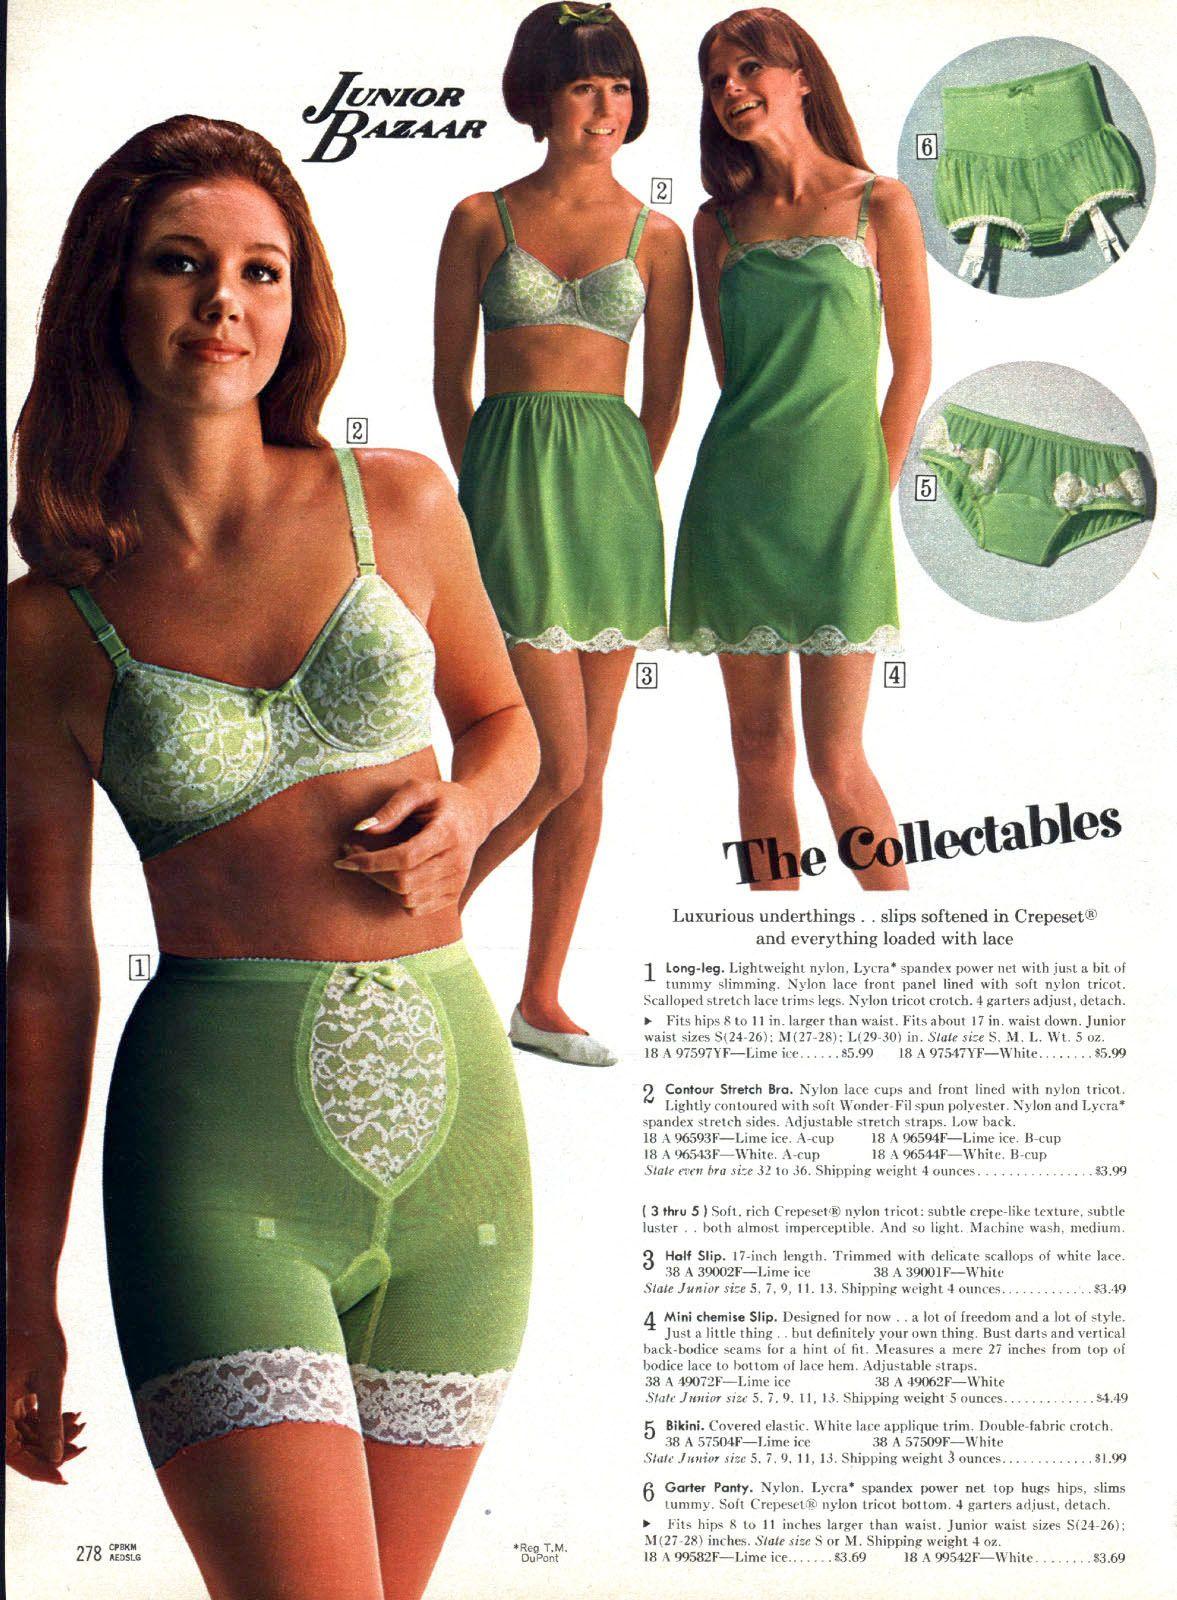 For 1960s lingerie